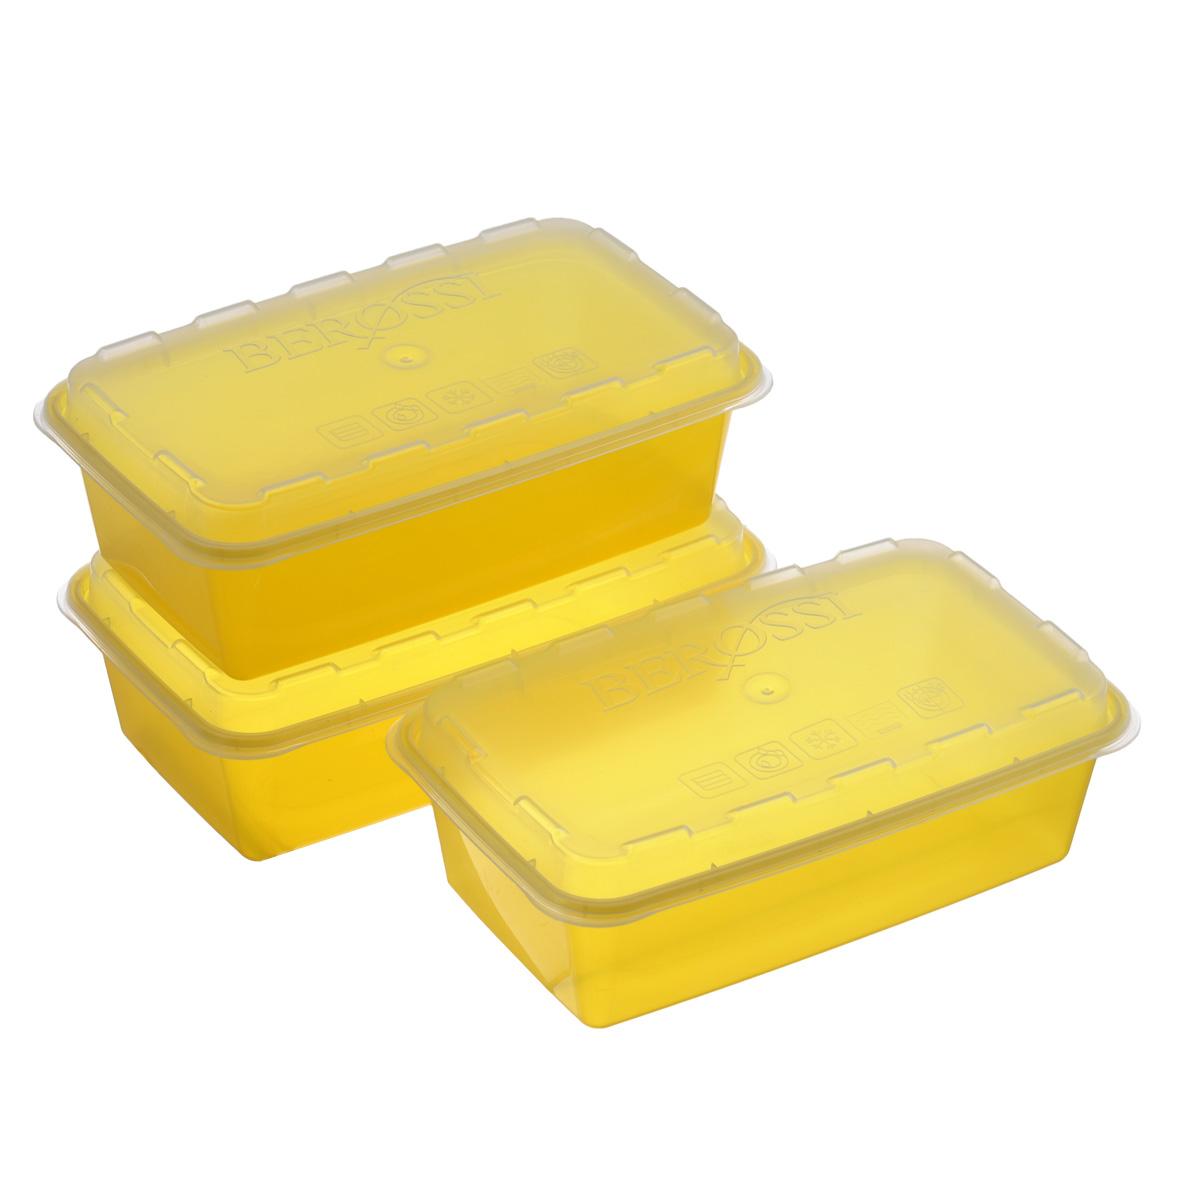 """Набор Berossi """"Zip"""", выполненный из  высококачественного пищевого  прозрачного пластика, состоит из трех  контейнеров. Изделия предназначены для  хранения и транспортировки пищи.  Крышки легко открываются и плотно  закрываются с помощью легкого щелчка.  Контейнеры удобно складываются друг в друга,  что экономит пространство при  хранении в шкафу.   Подходят для использования в микроволновой  печи без крышки (до +120°С), для  заморозки при минимальной температуре -20°С.  Можно мыть в посудомоечной машине."""